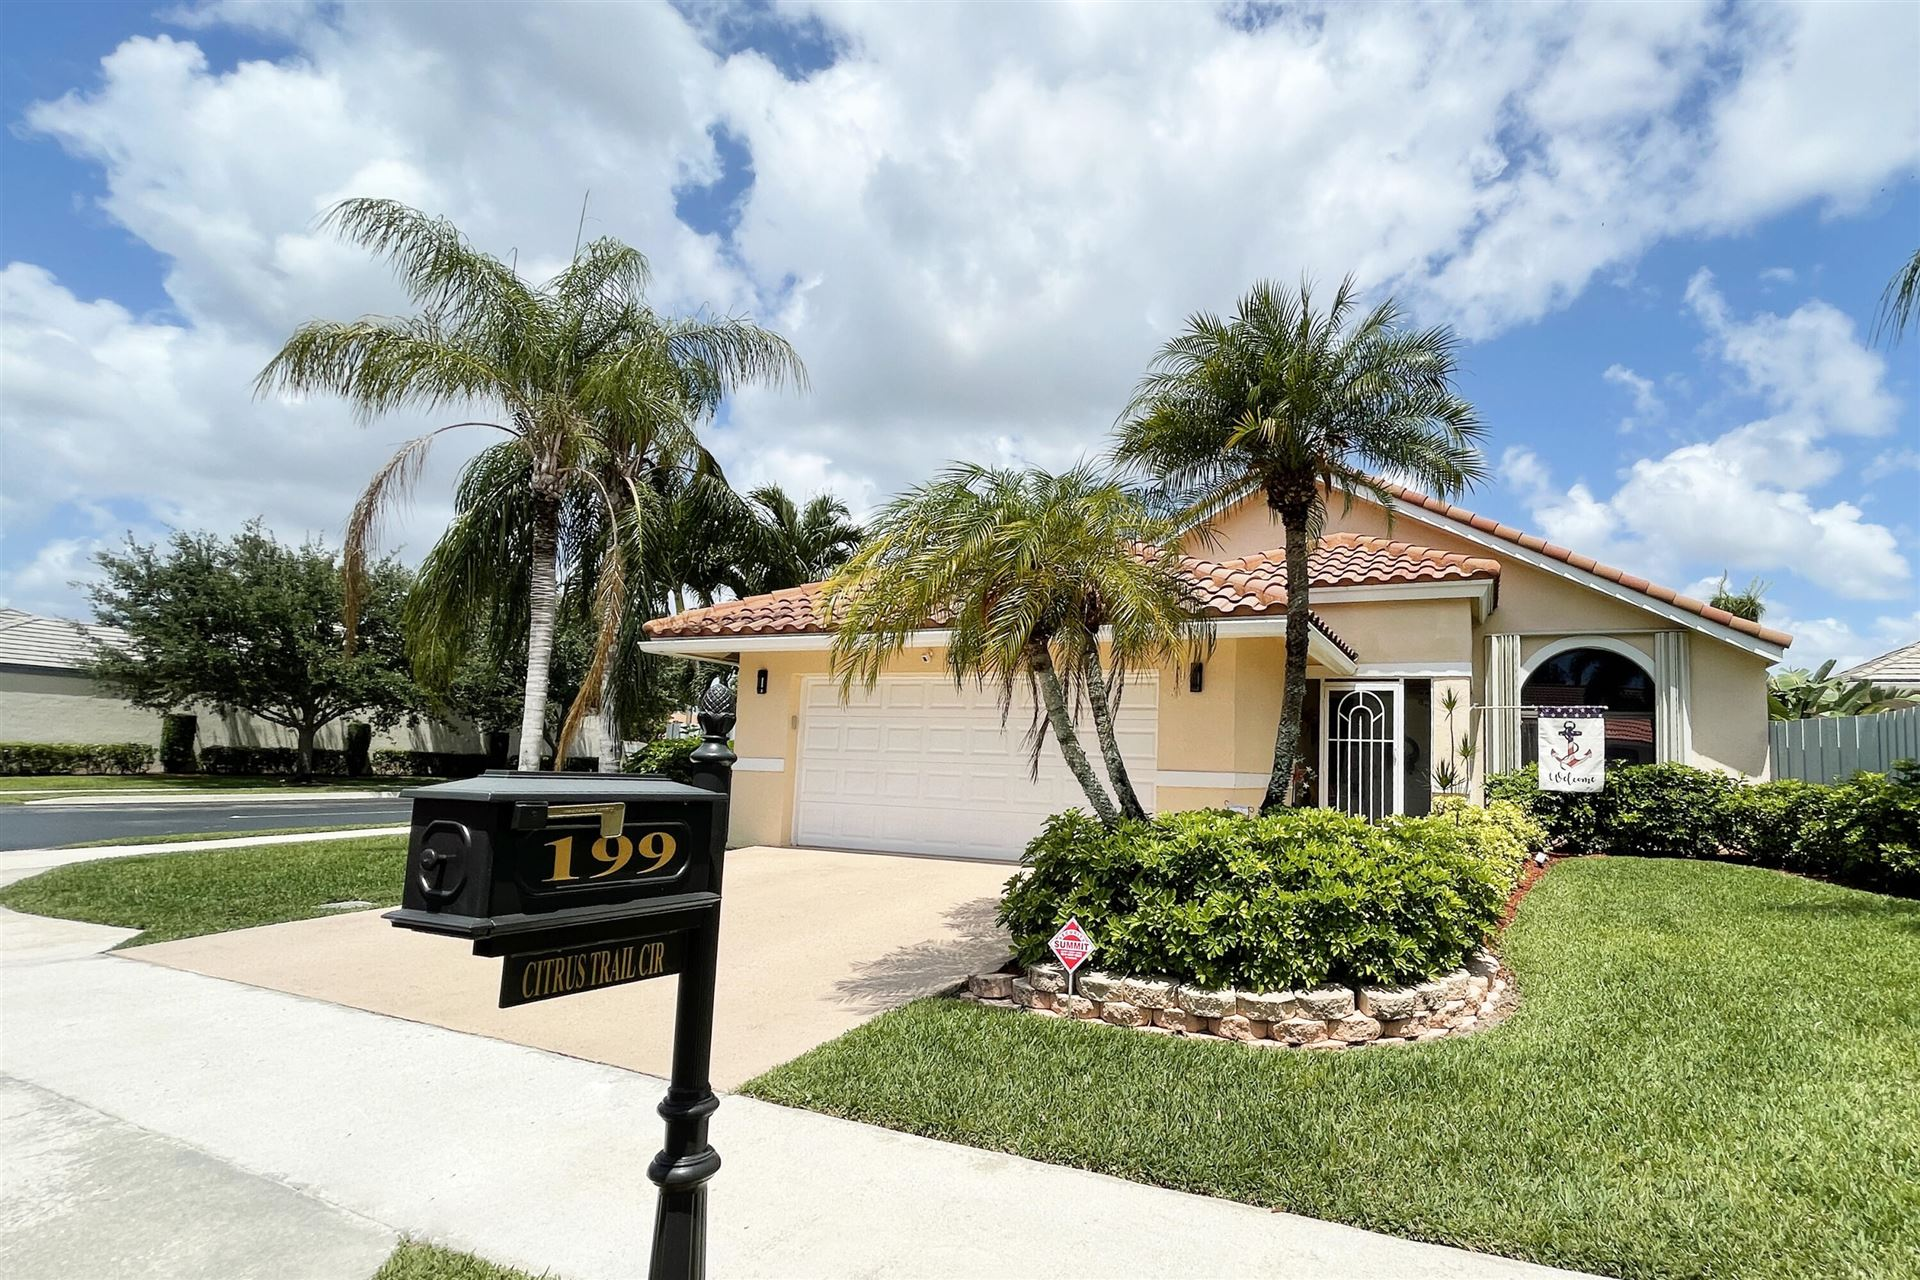 199 Citrus Trail Circle, Boynton Beach, FL 33436 - MLS#: RX-10741115